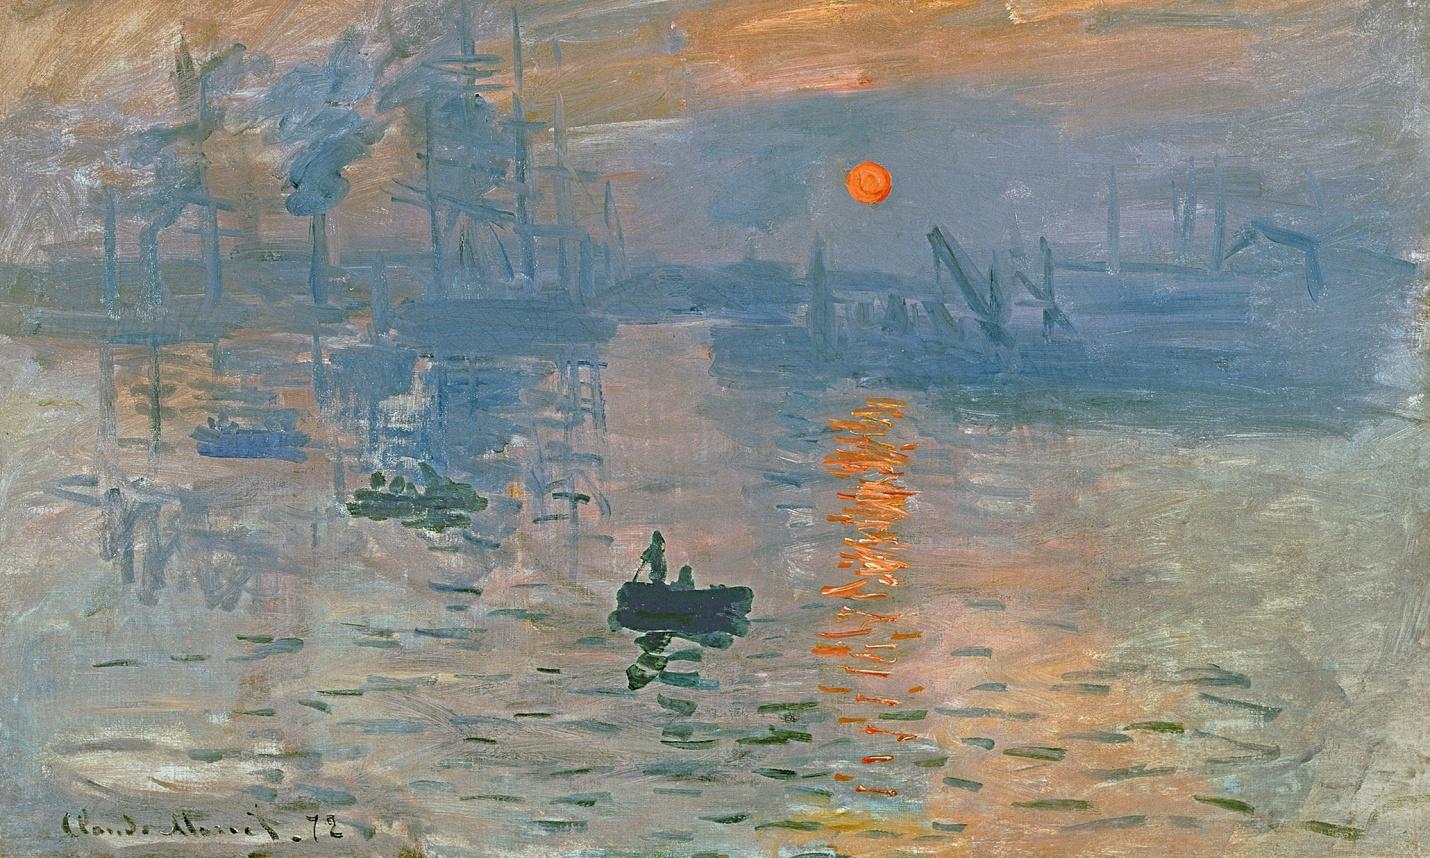 Claude Monet - Impression, Sunrise (1872)